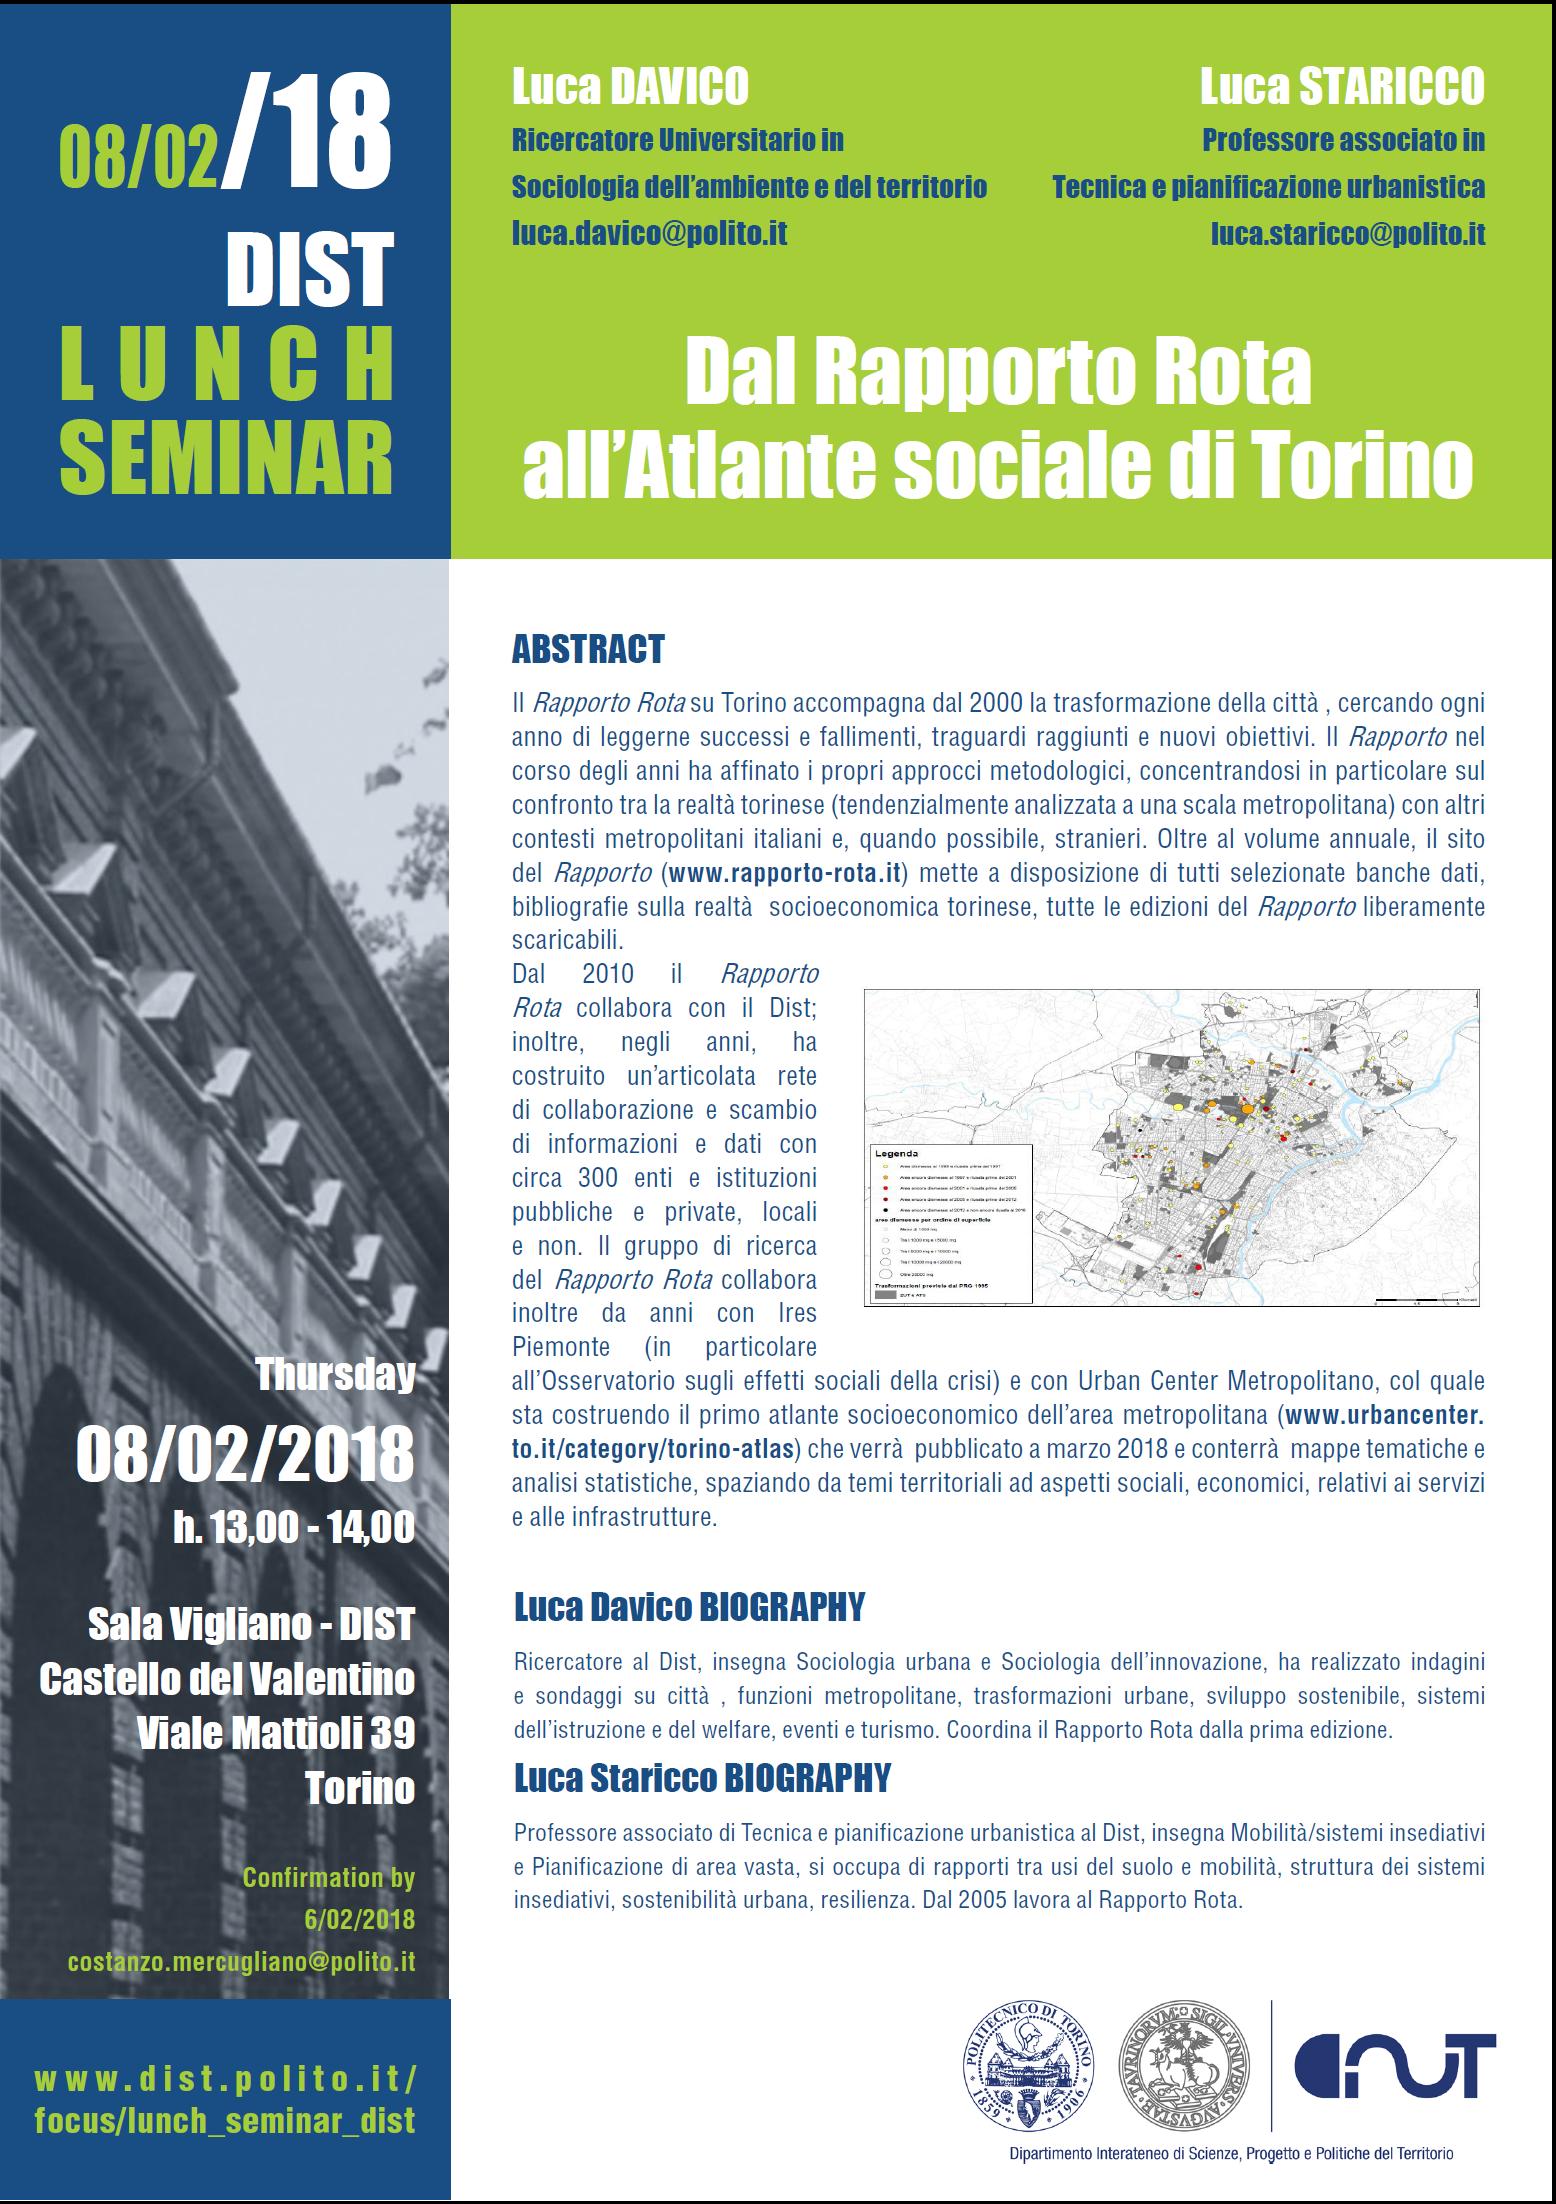 Dal Rapporto Rota all'Atlante sociale di Torino